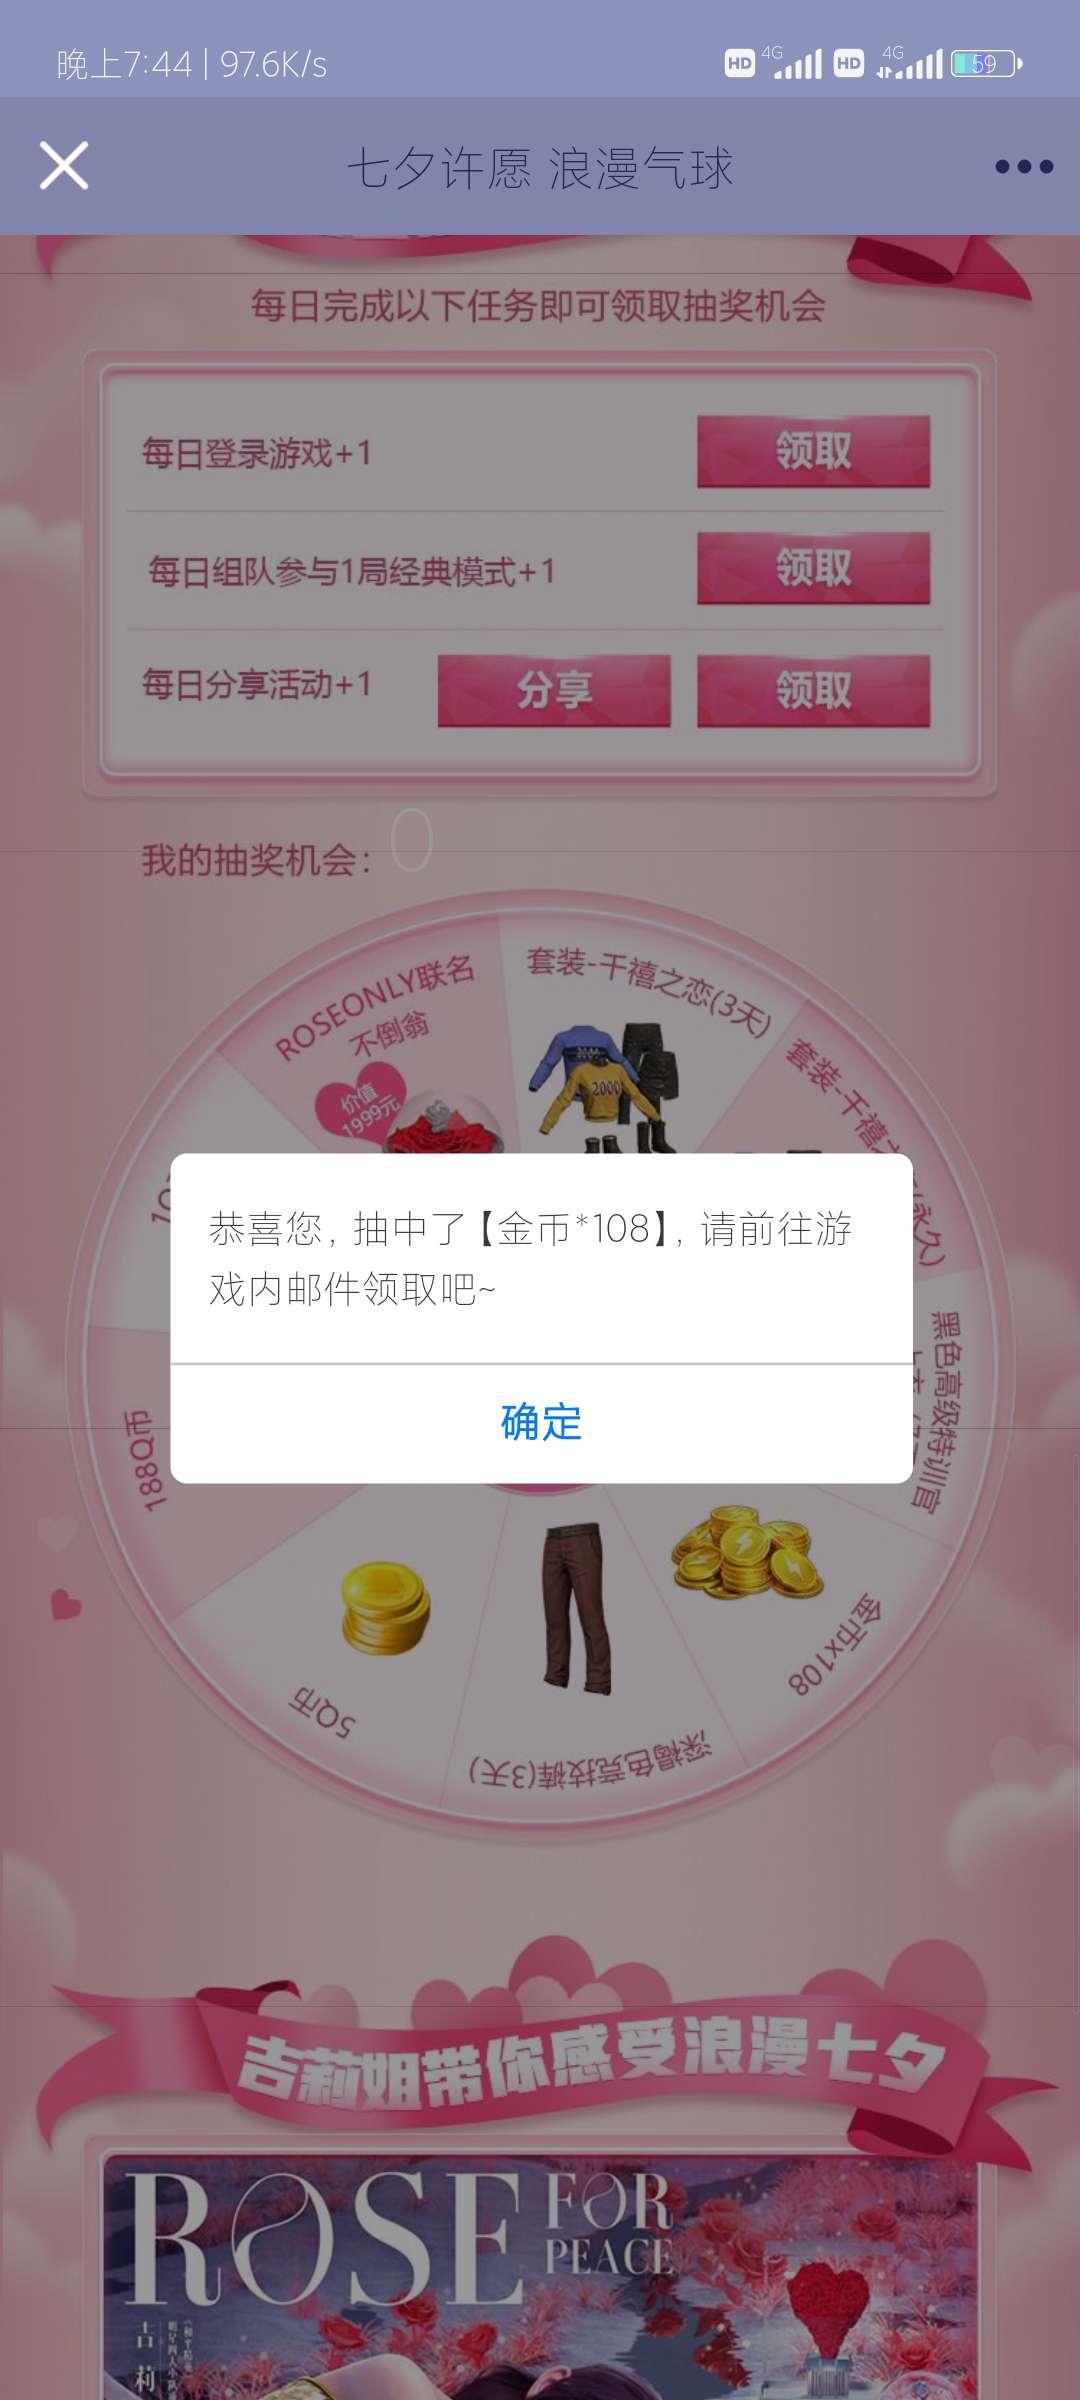 【虚似游戏道具】和平精英七夕祈愿抽Q币插图2